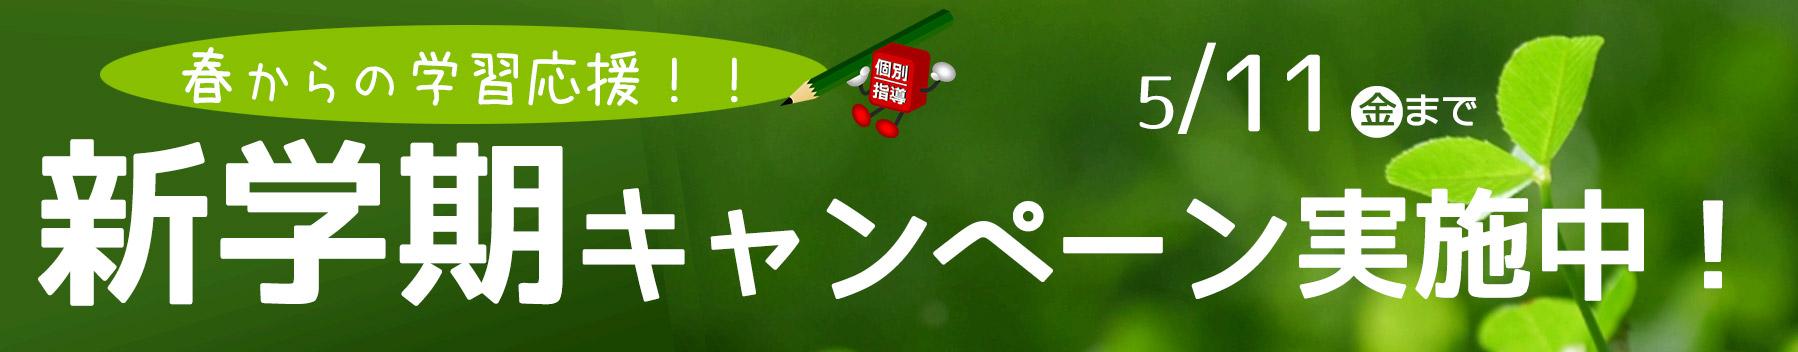 harugaku18